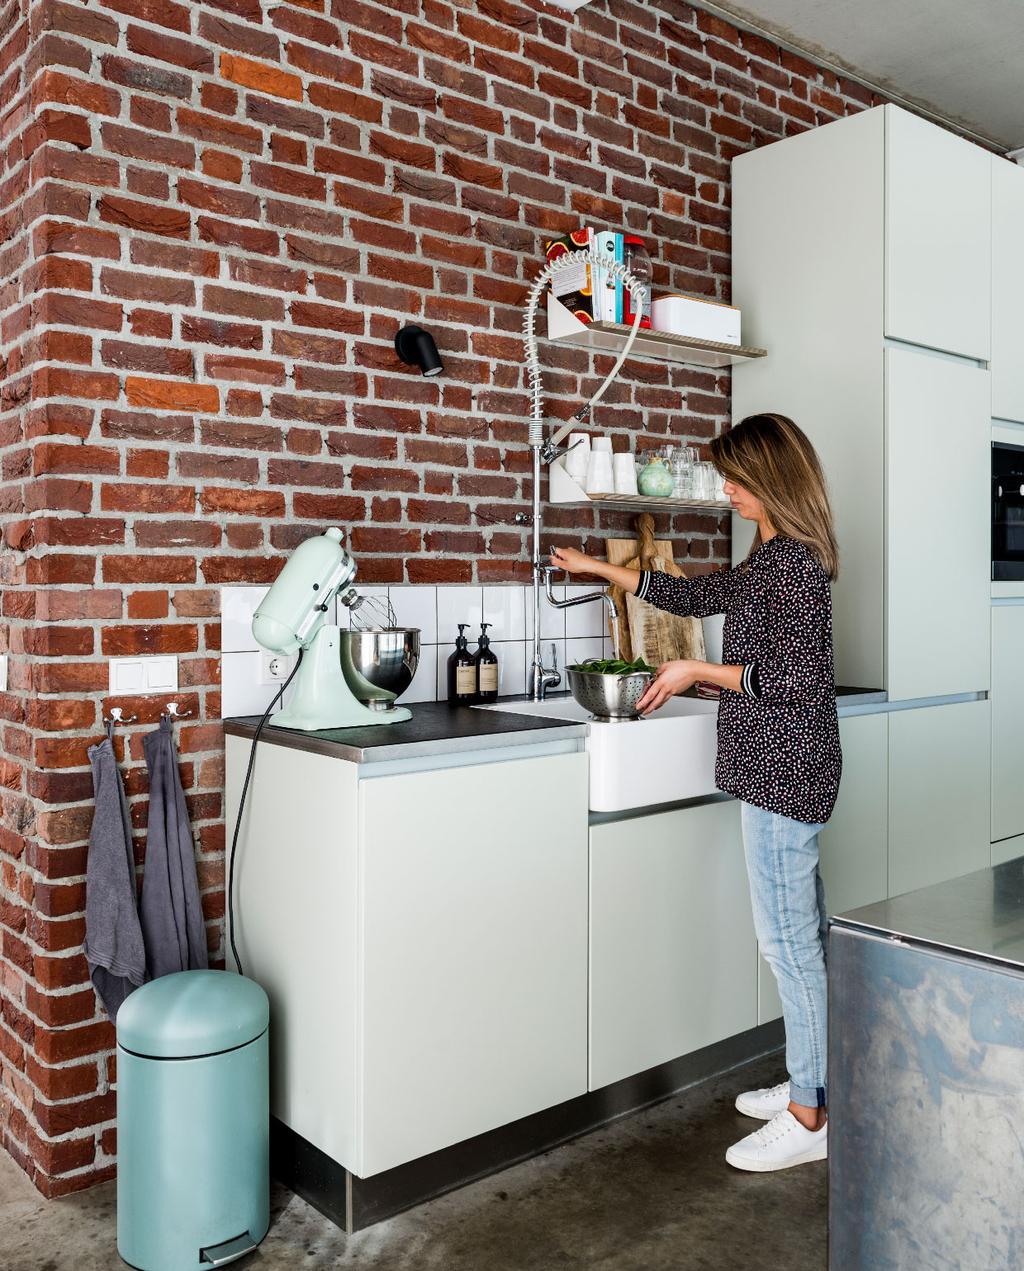 vtwonen binnenkijken weert | modern nieuwbouwhuis mintgroene keuken en exposed brick muur